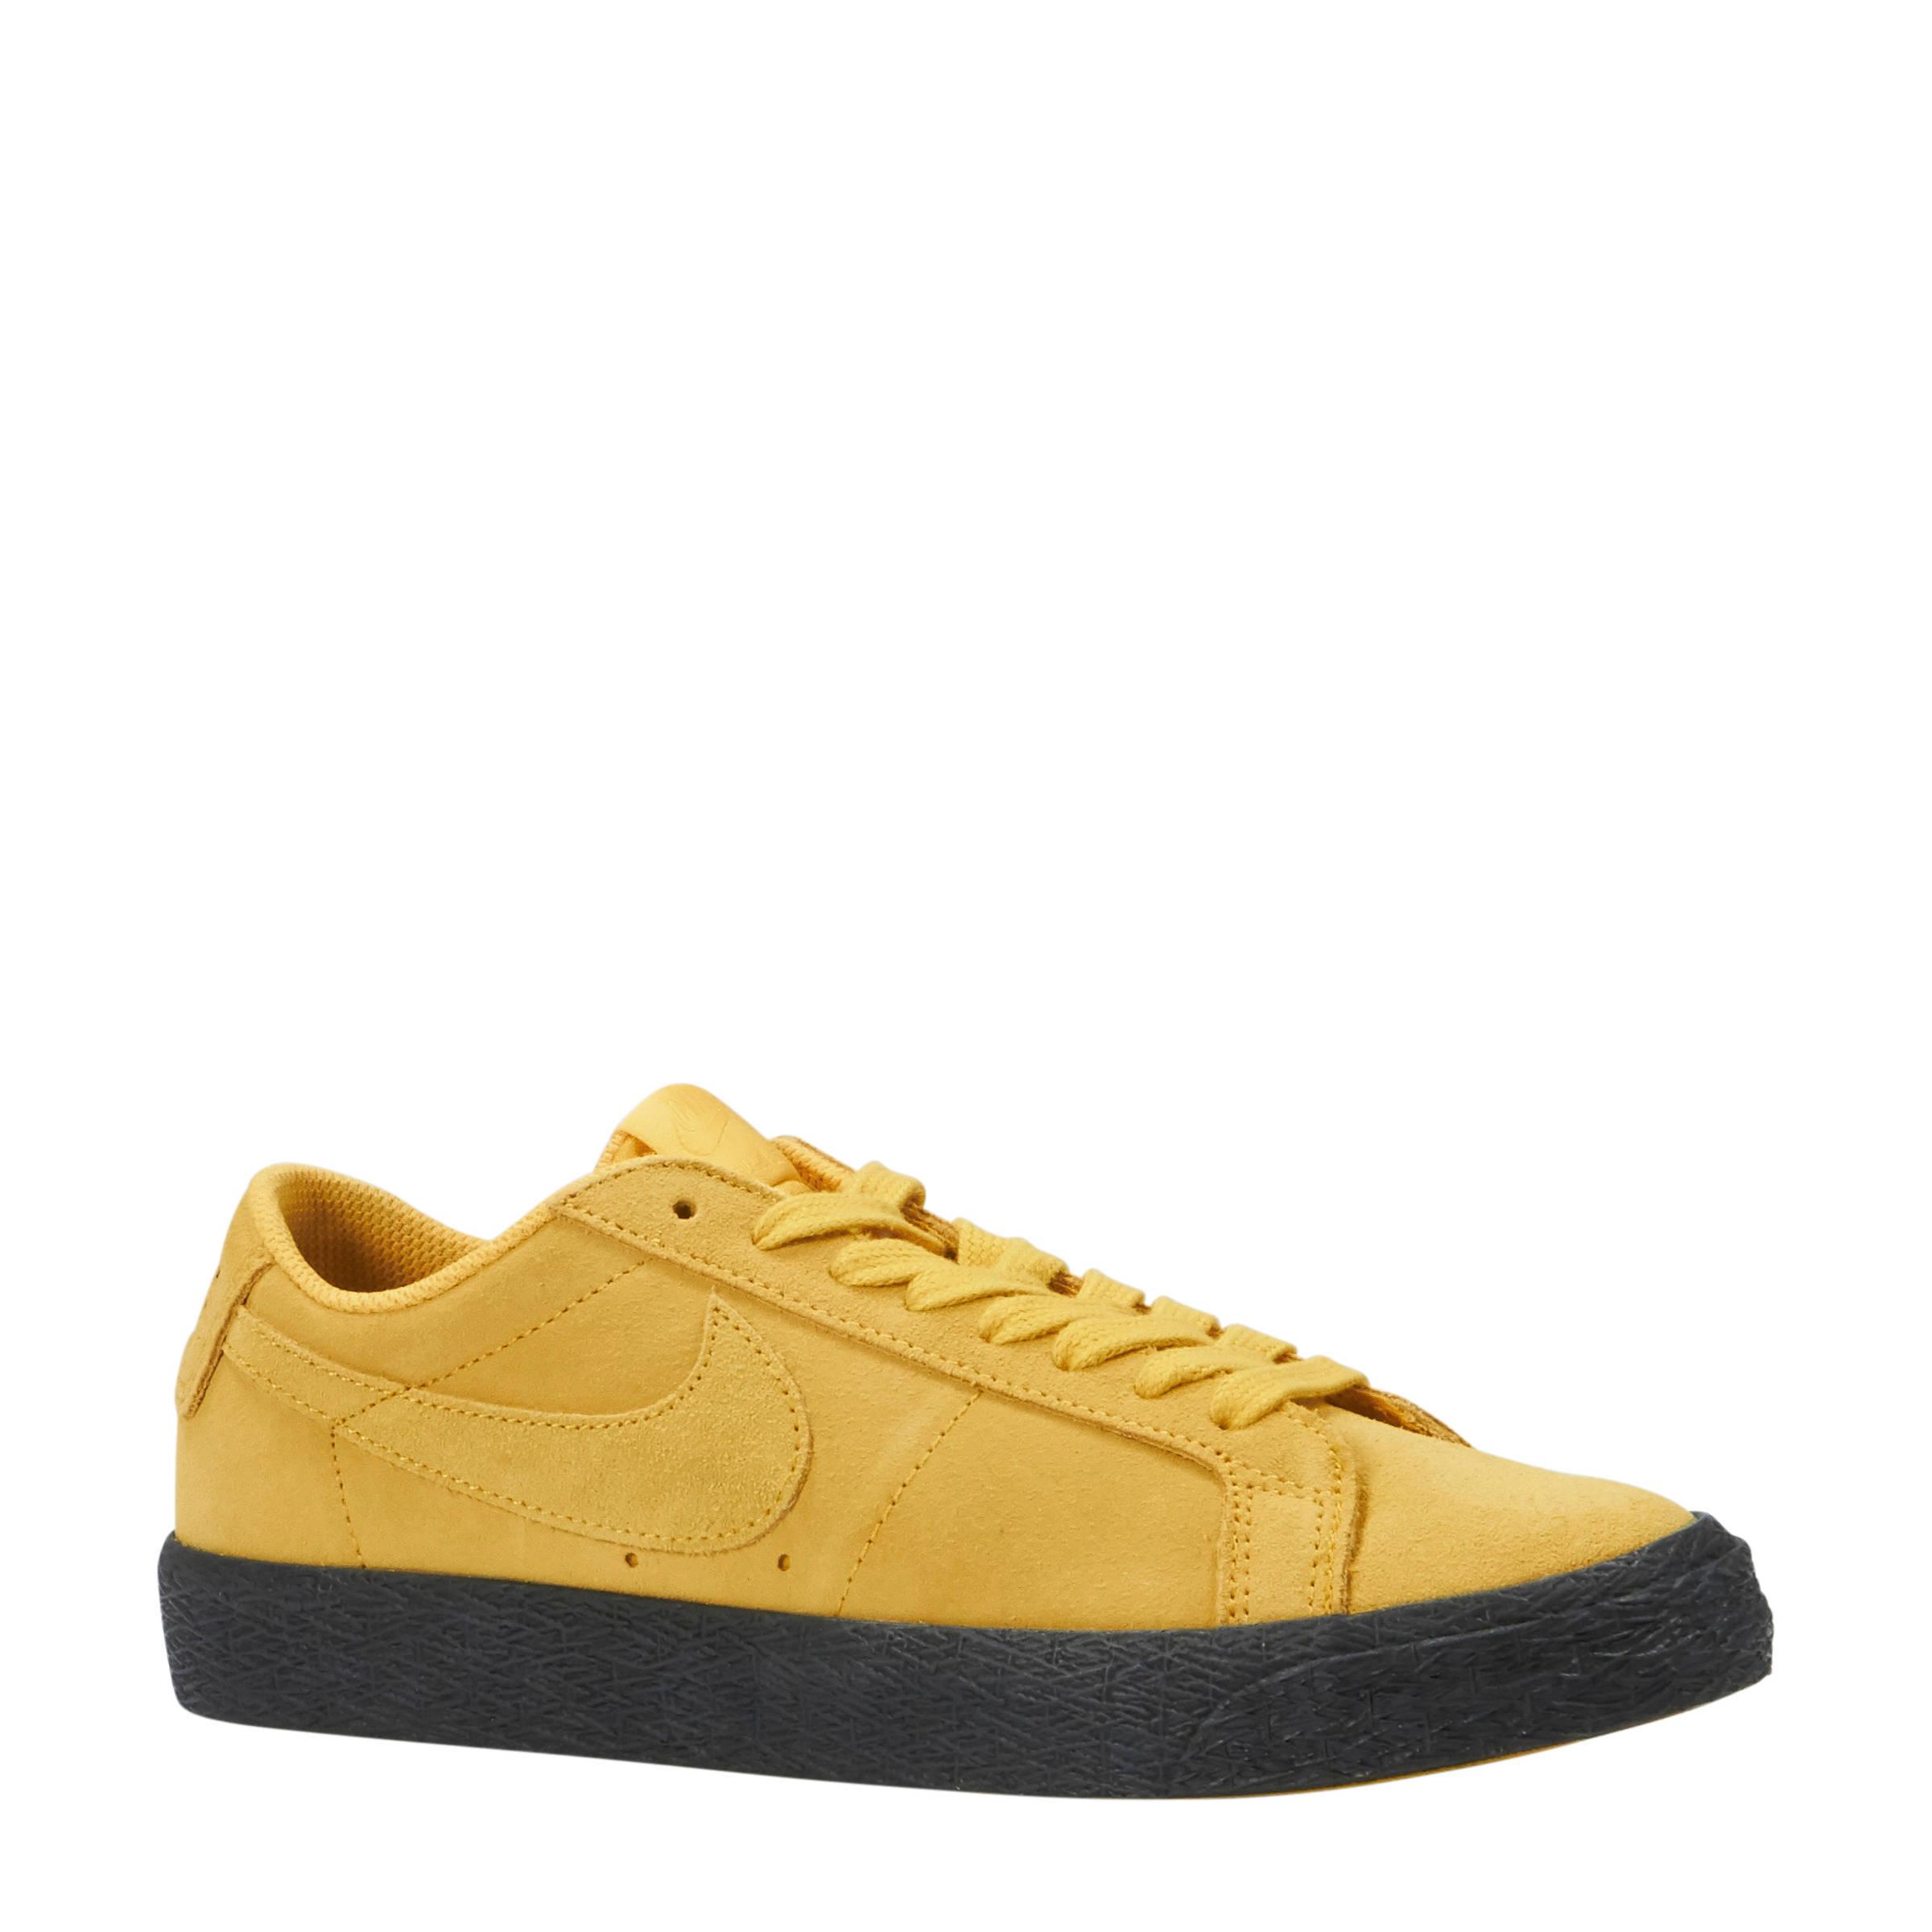 Nike SB Zoom Blazer Low suède sneakers geel | wehkamp